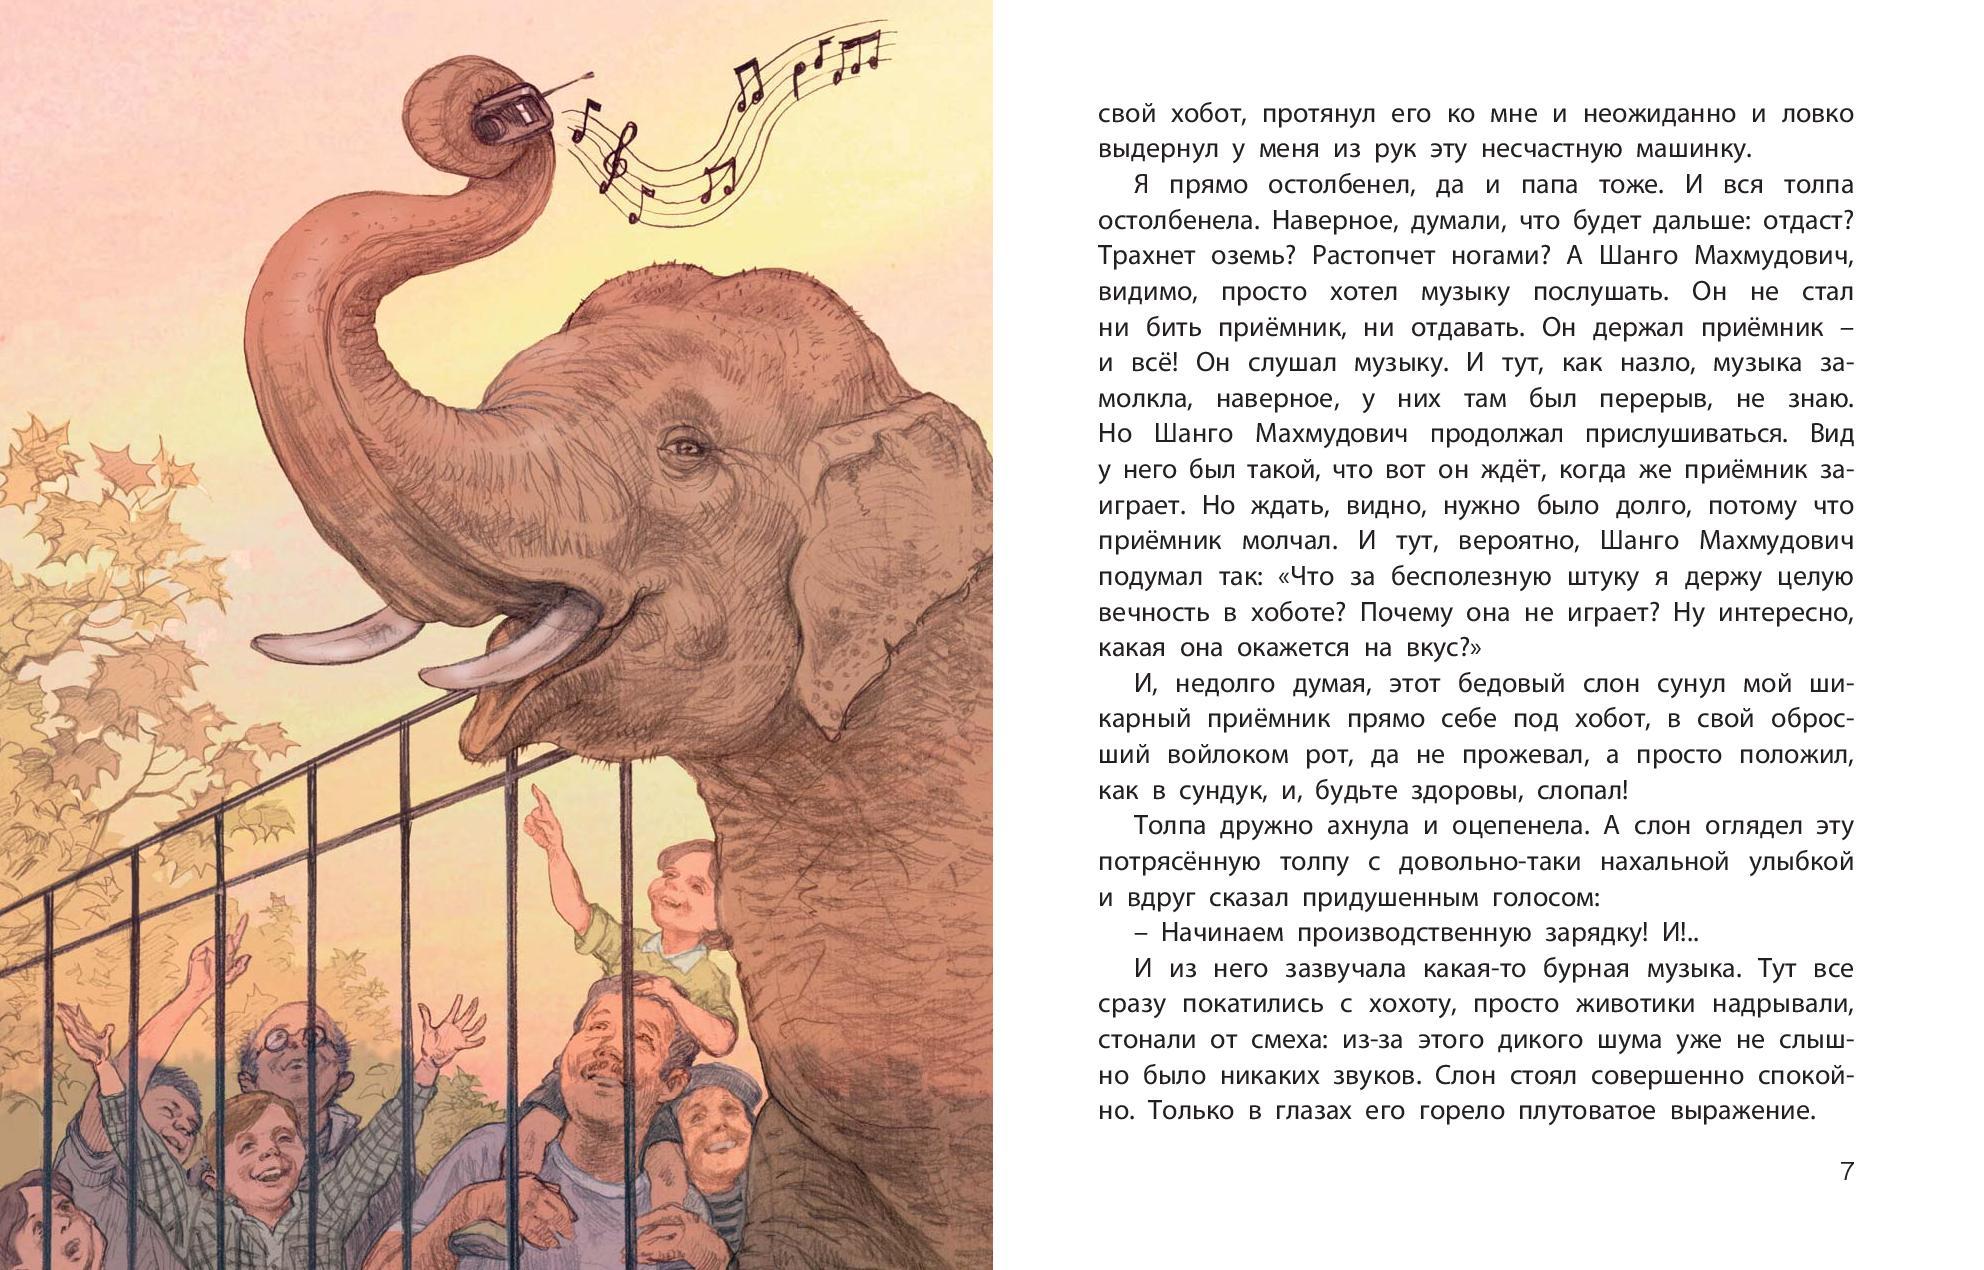 Слон и радио картинки